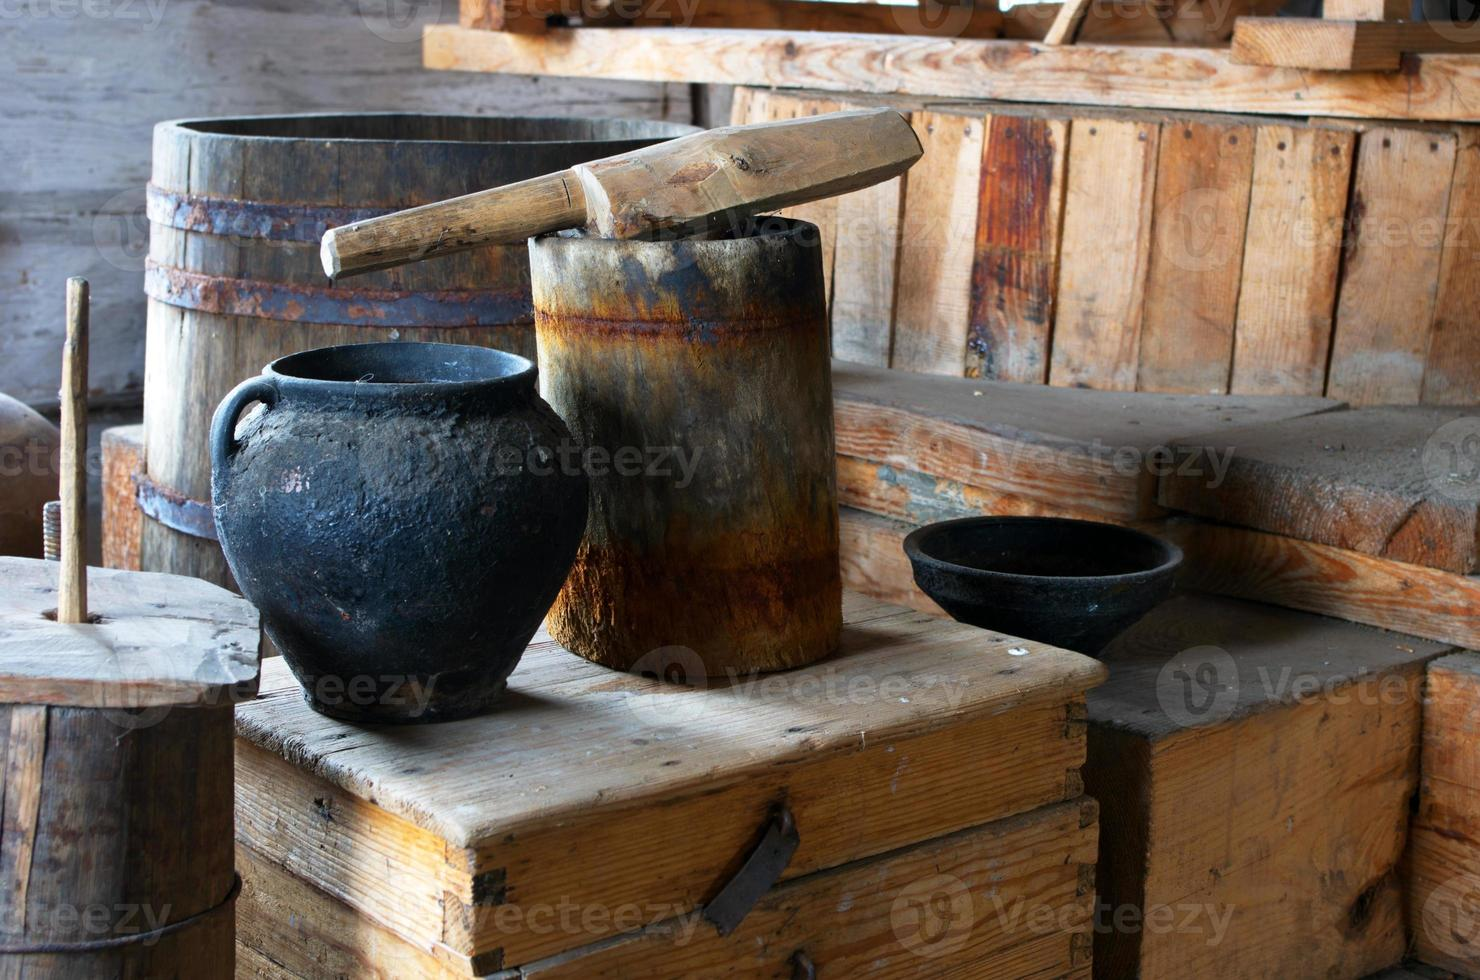 antica scena domestica con ceramiche d'epoca foto